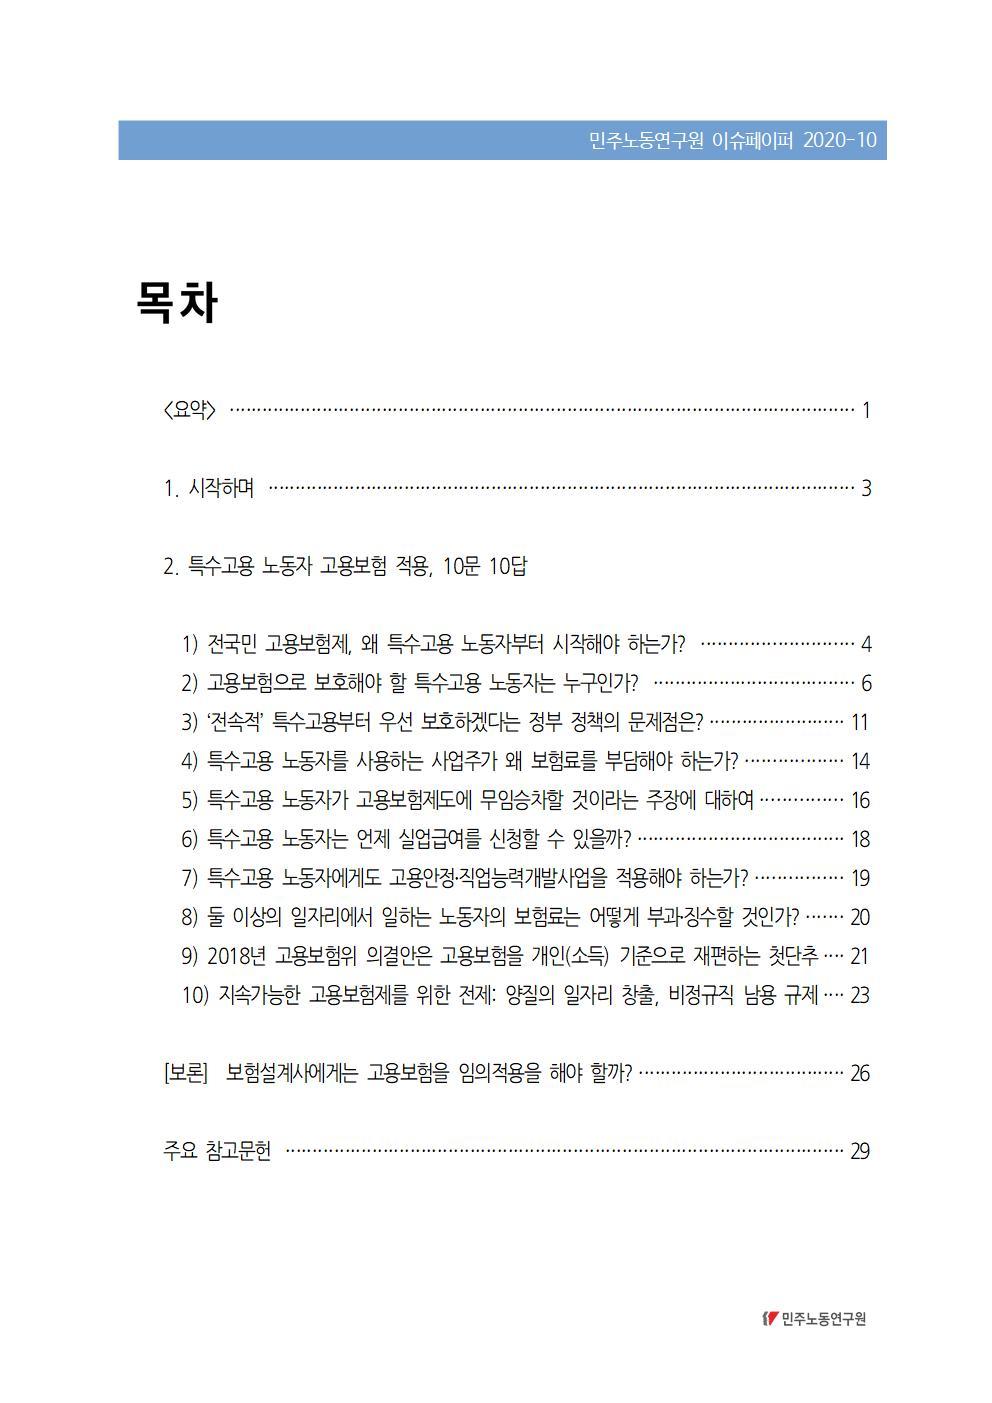 2020_10_전국민고용보험_특고부터_민주노동연구원_윤애림(Final)_표지002.jpg